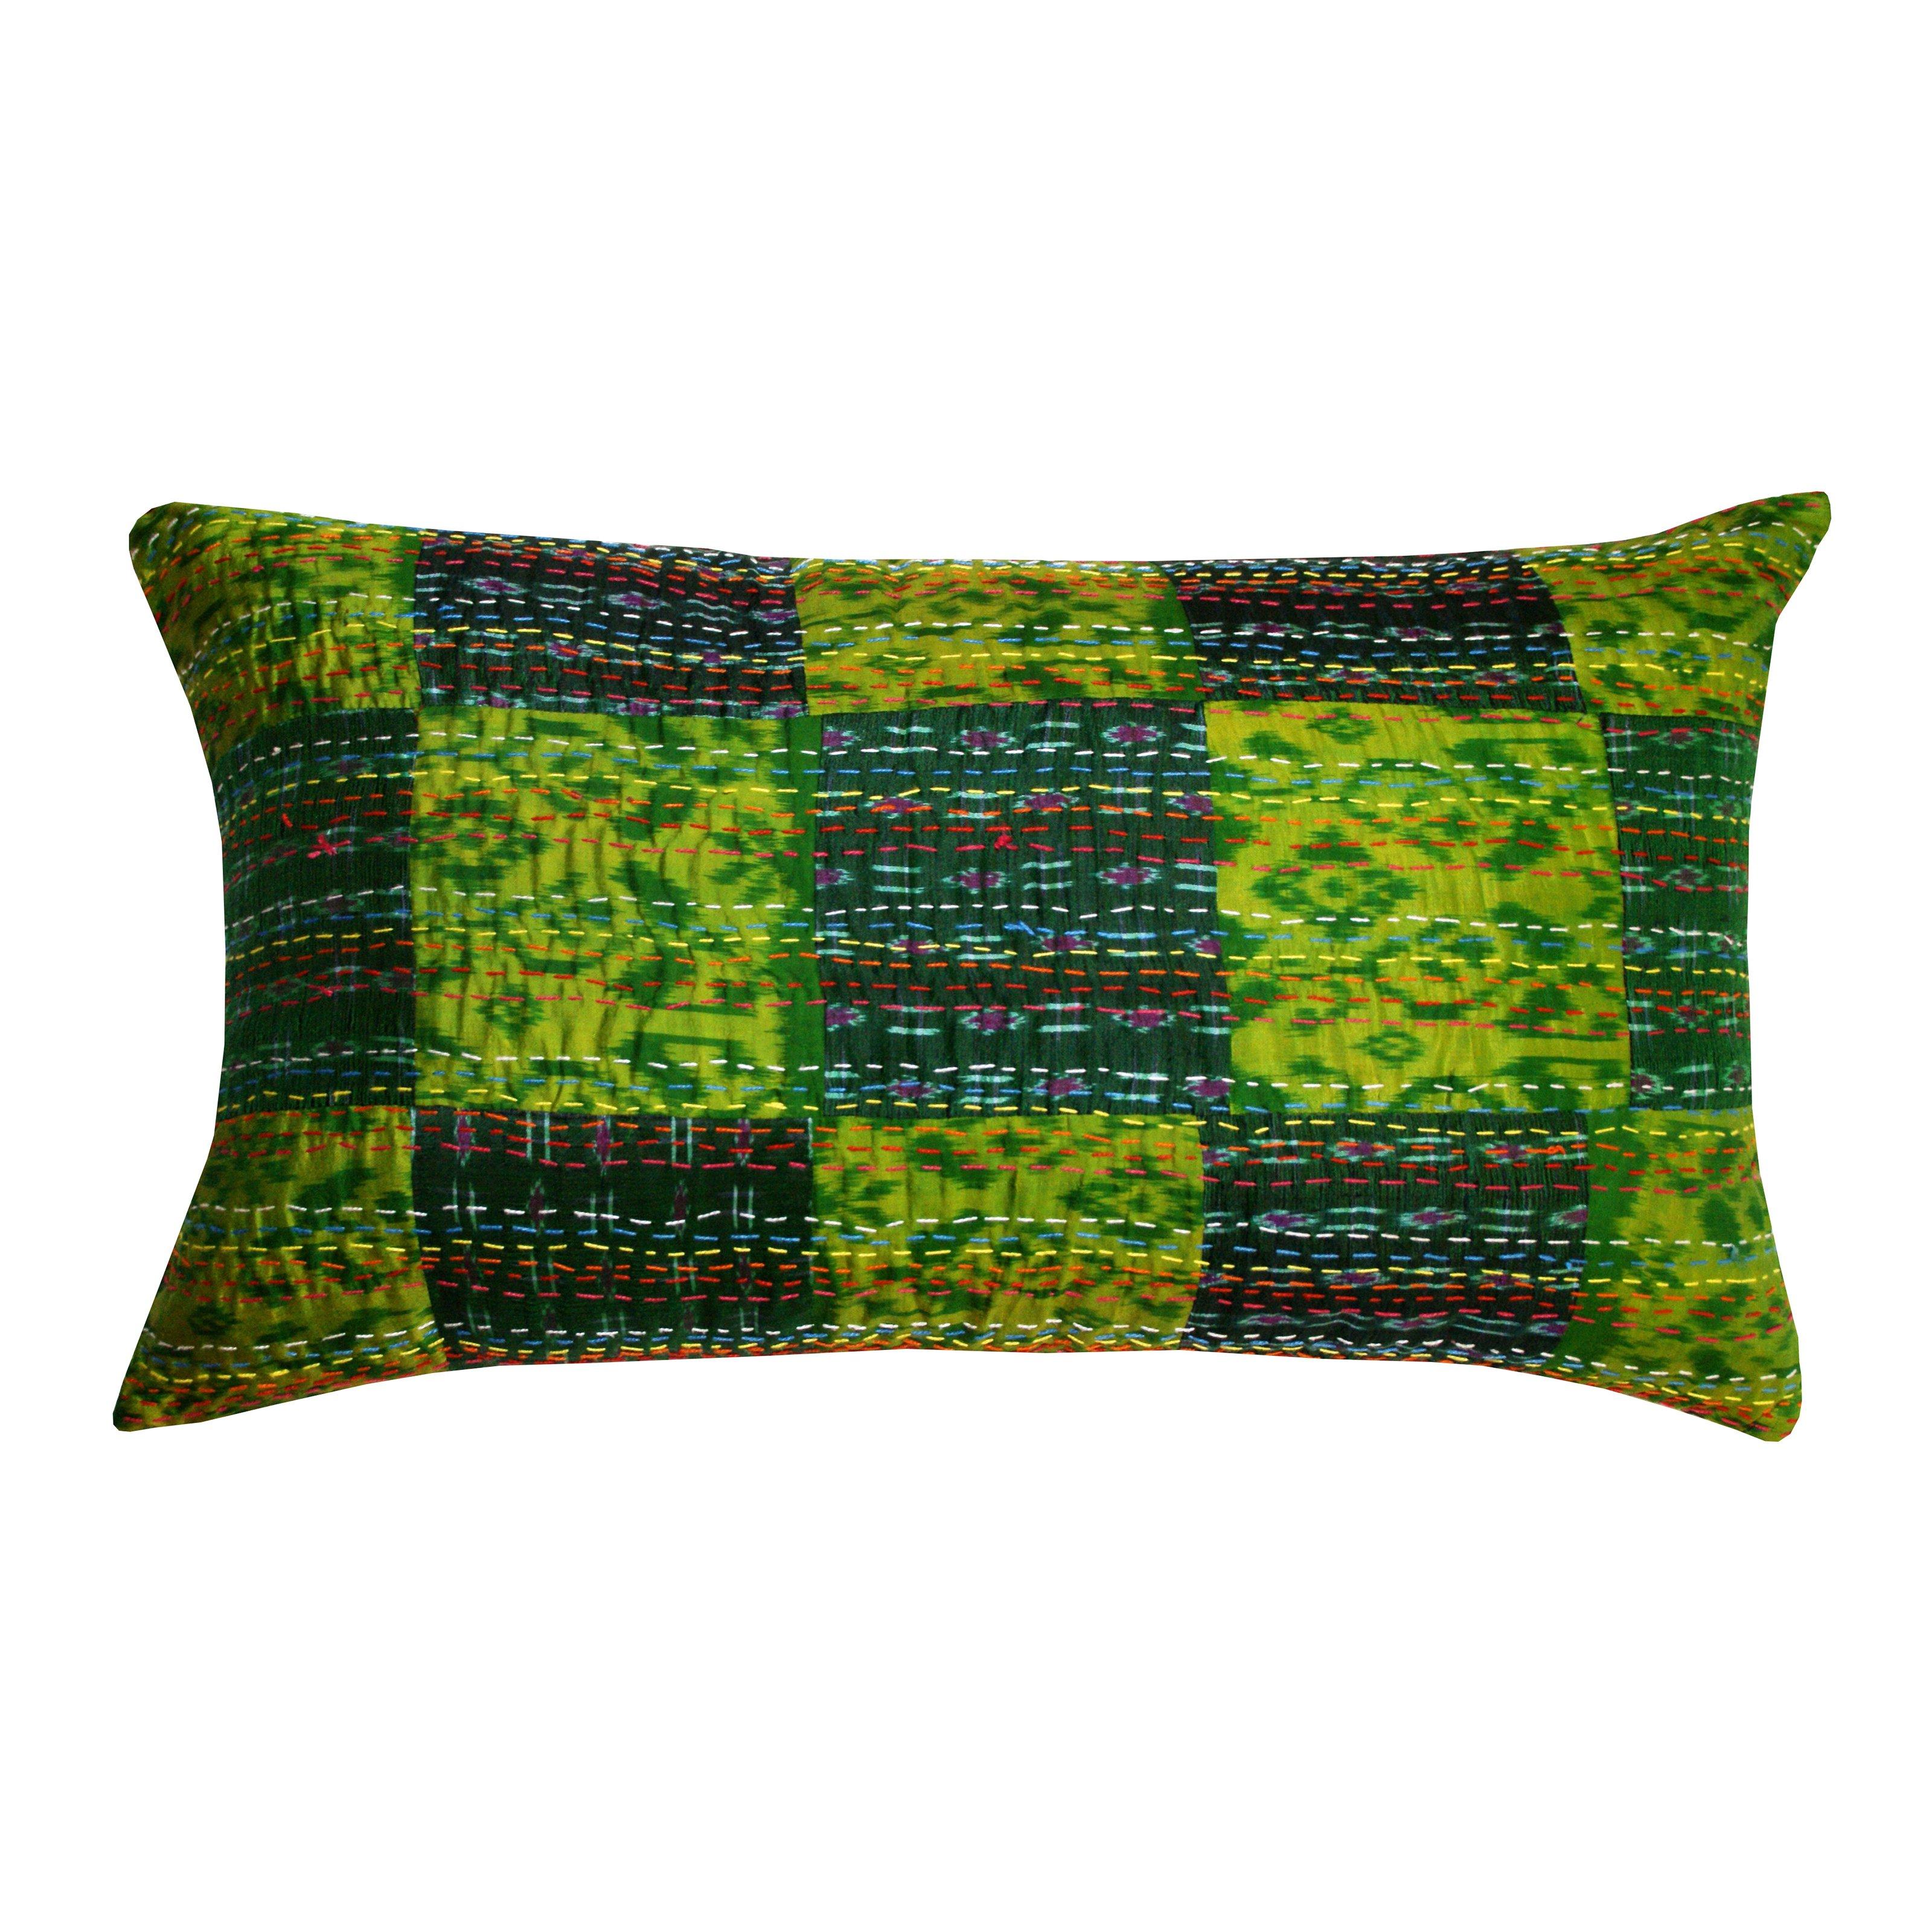 Divine Designs Payal Kantha Lumbar Decorative Throw Pillow